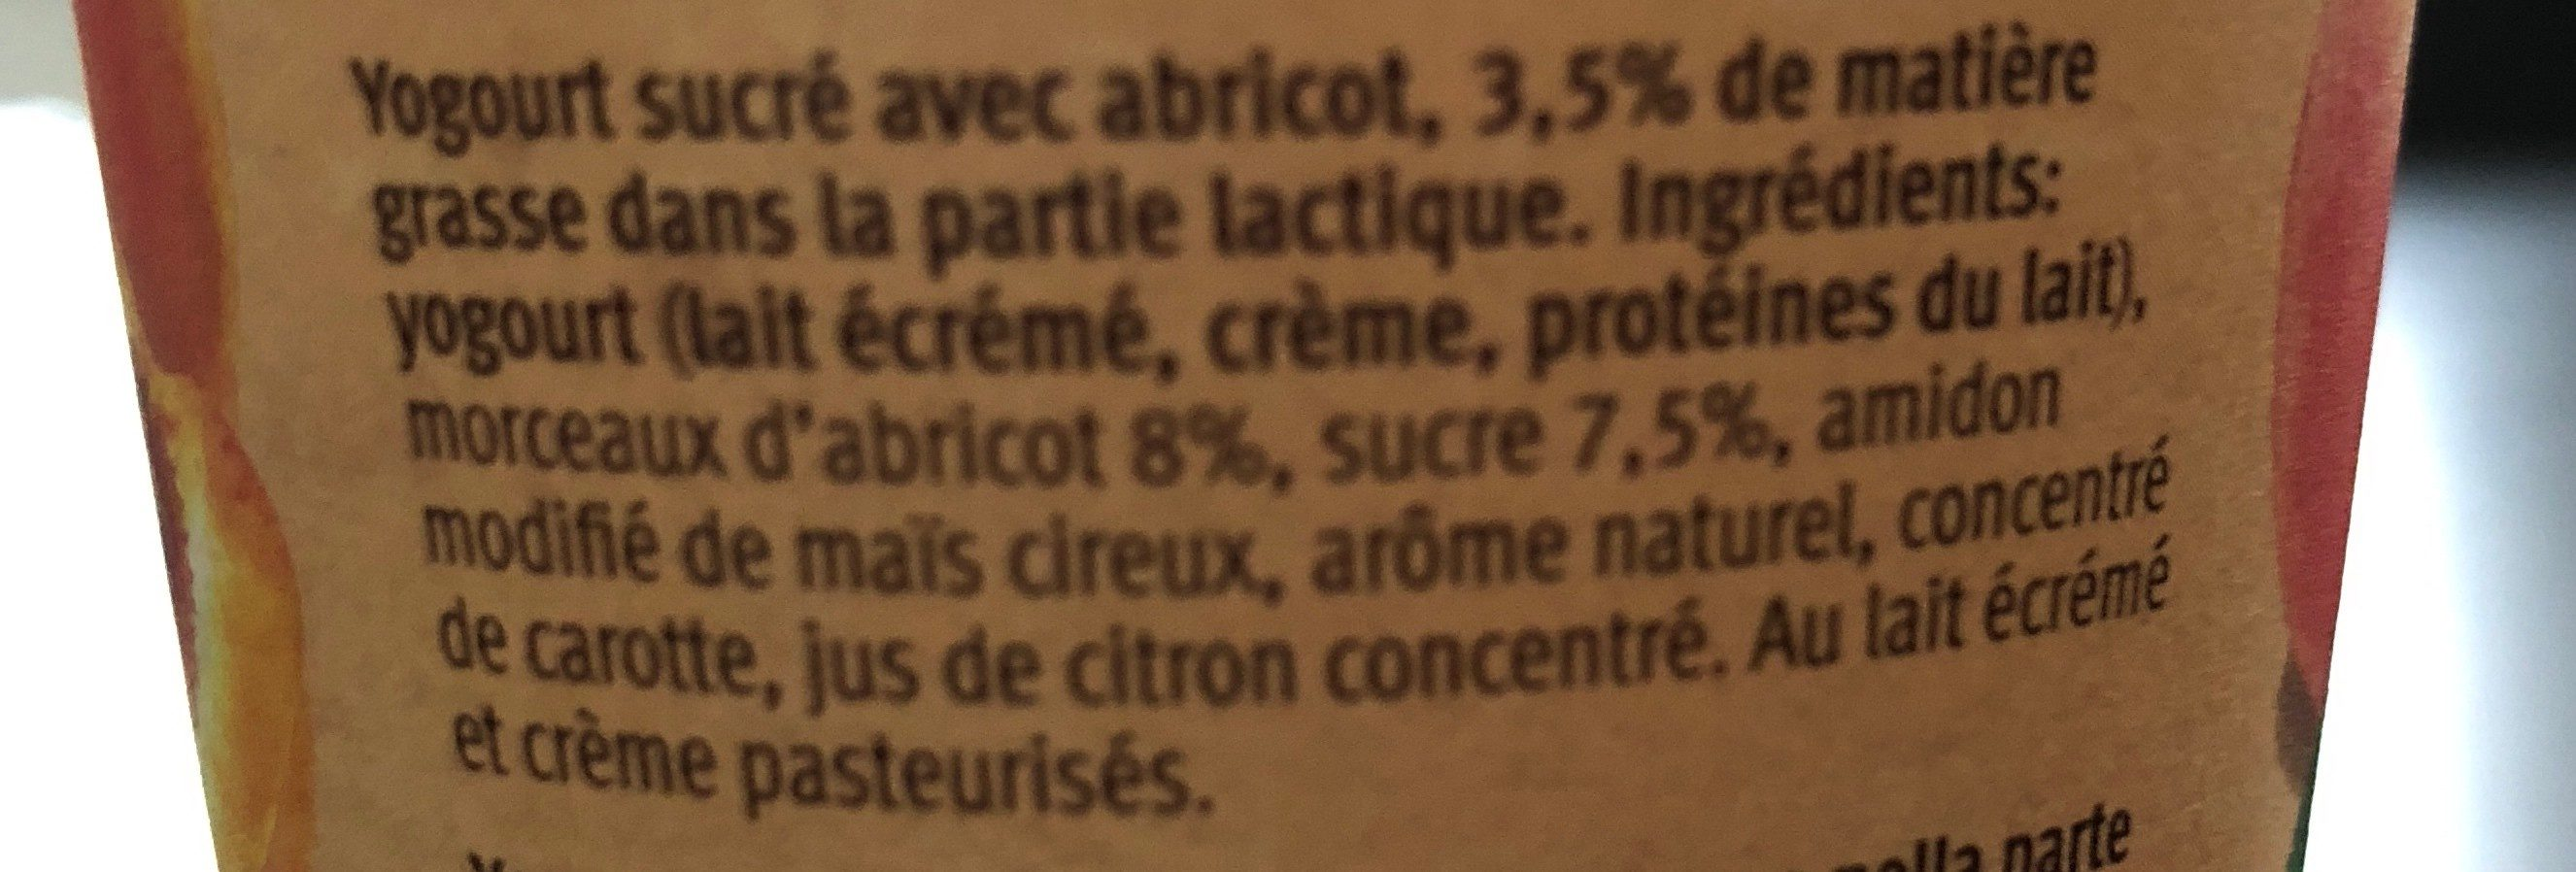 Yogurt - Ingrediënten - fr